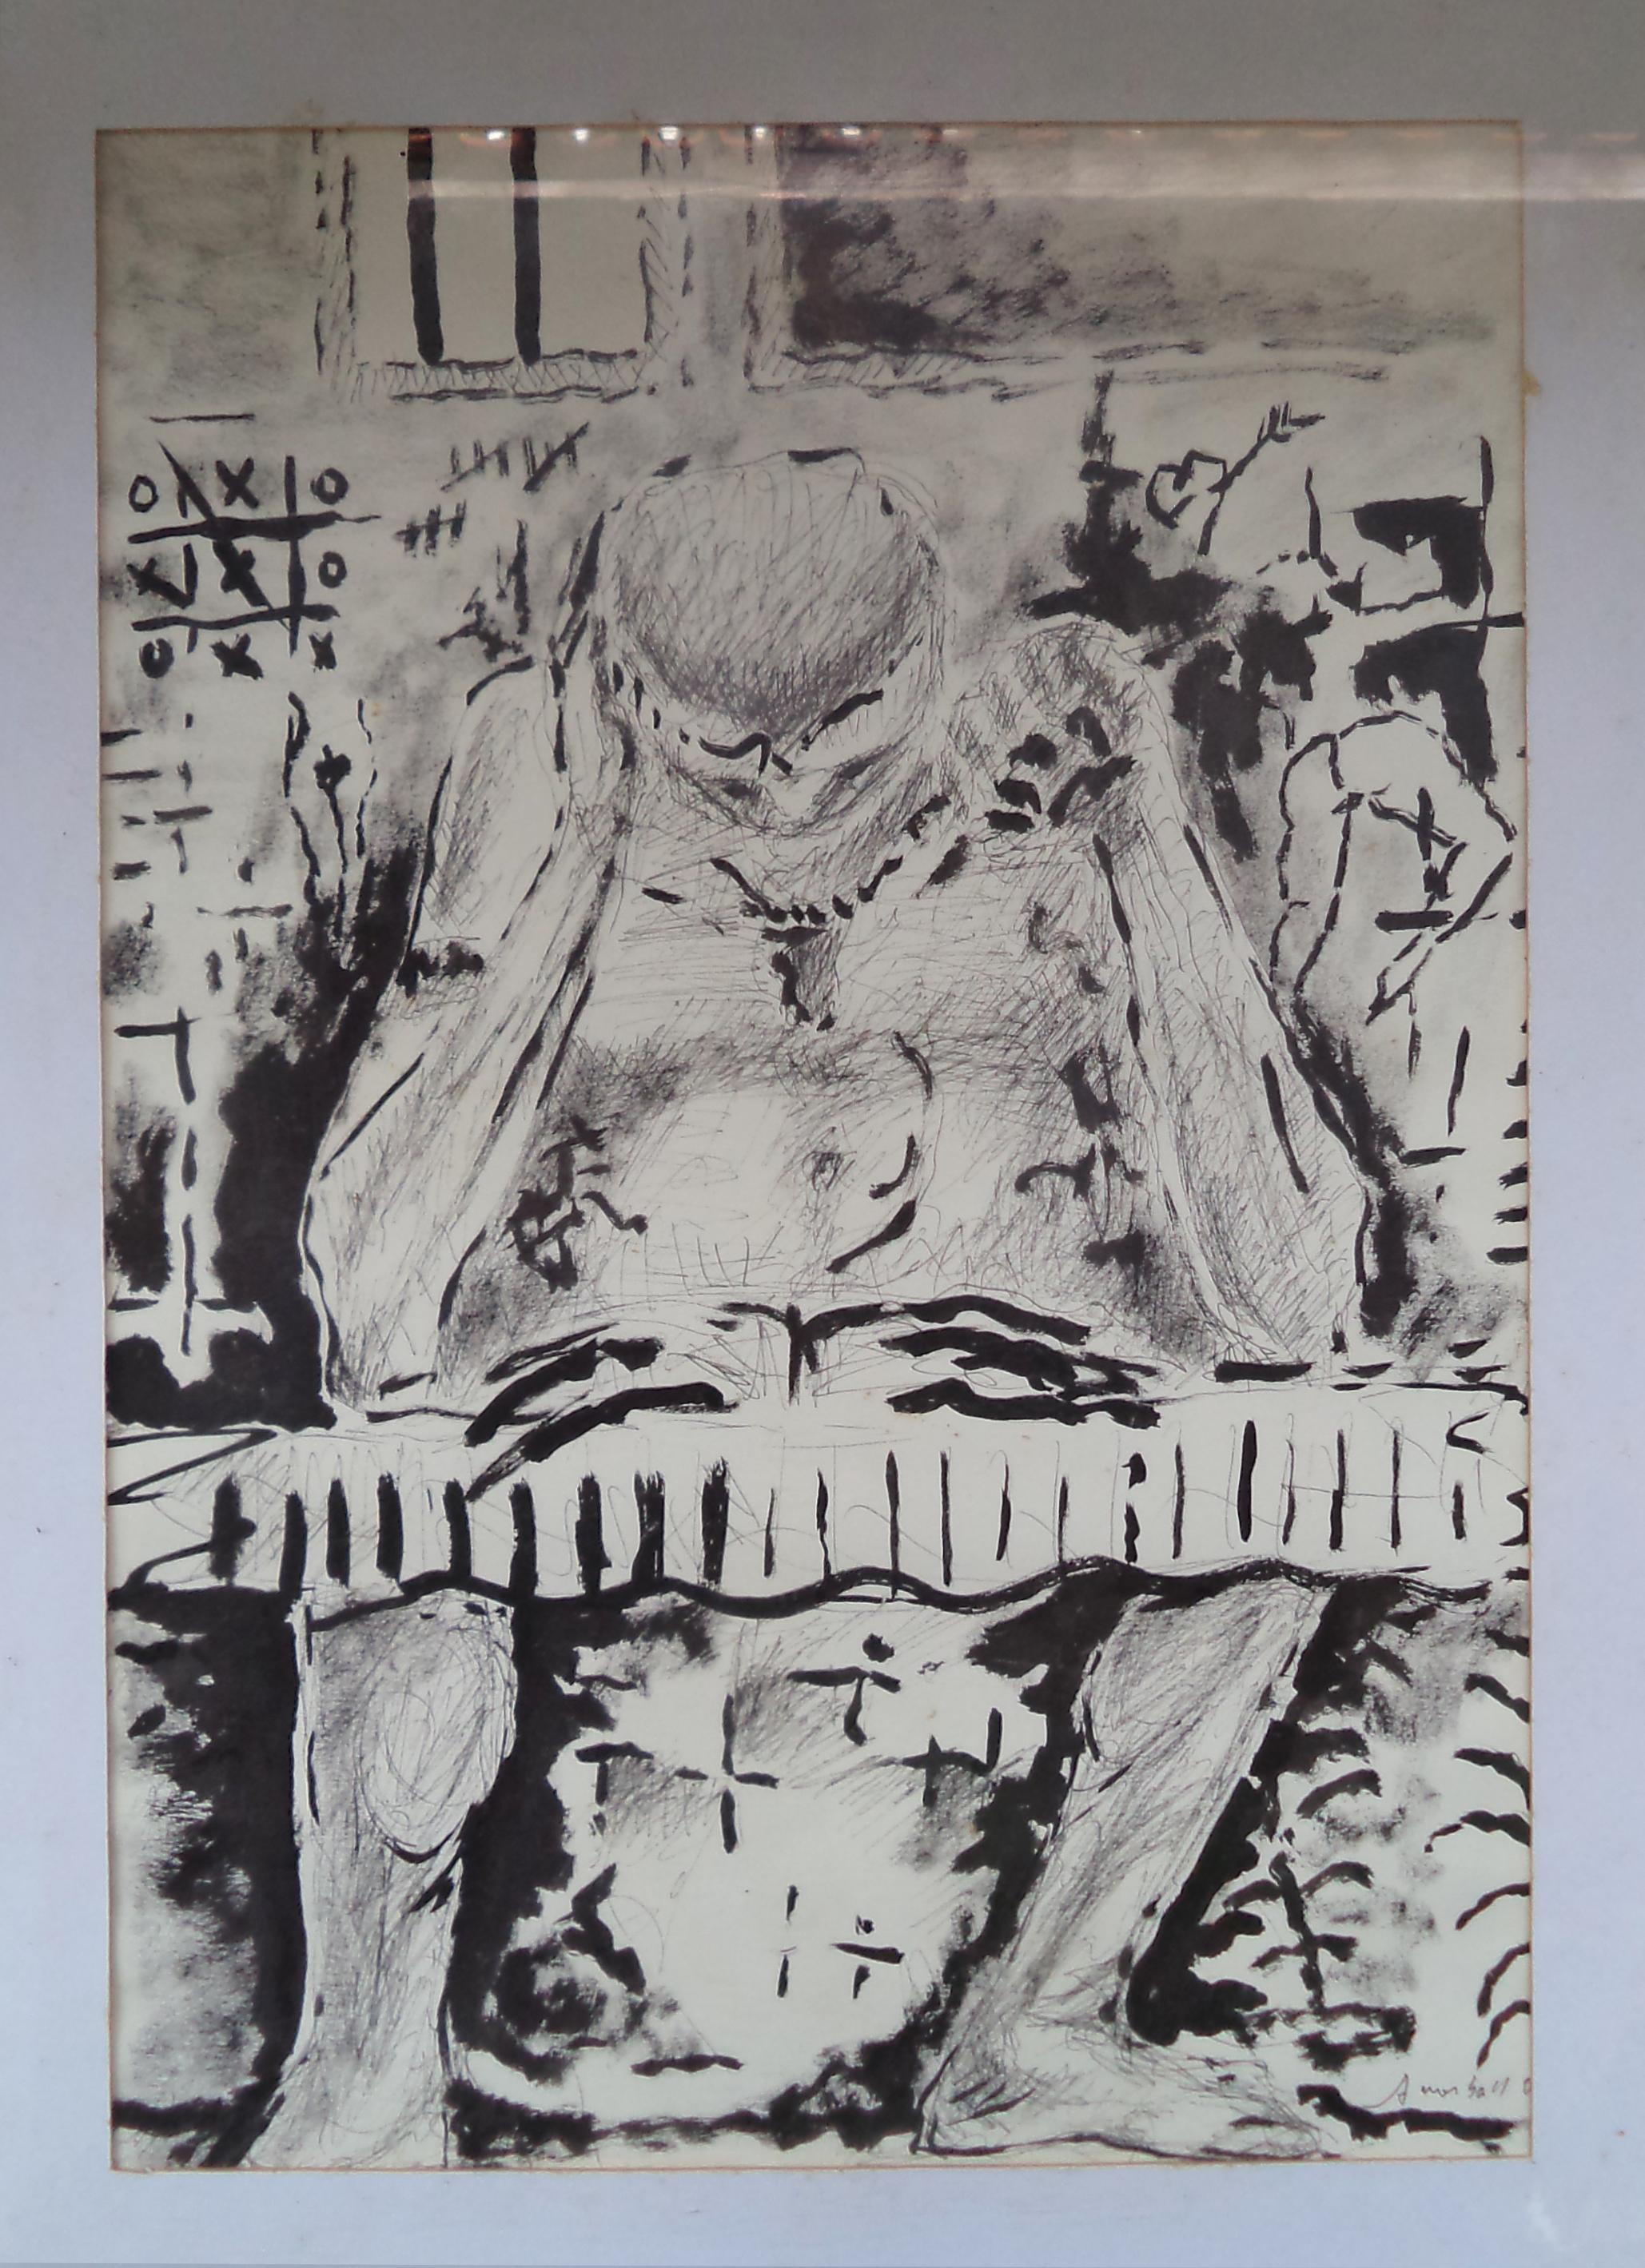 Antônio_Morbach_-_Leitura_II,_Série_Nanquim,_2007._Desenho,42x29.2